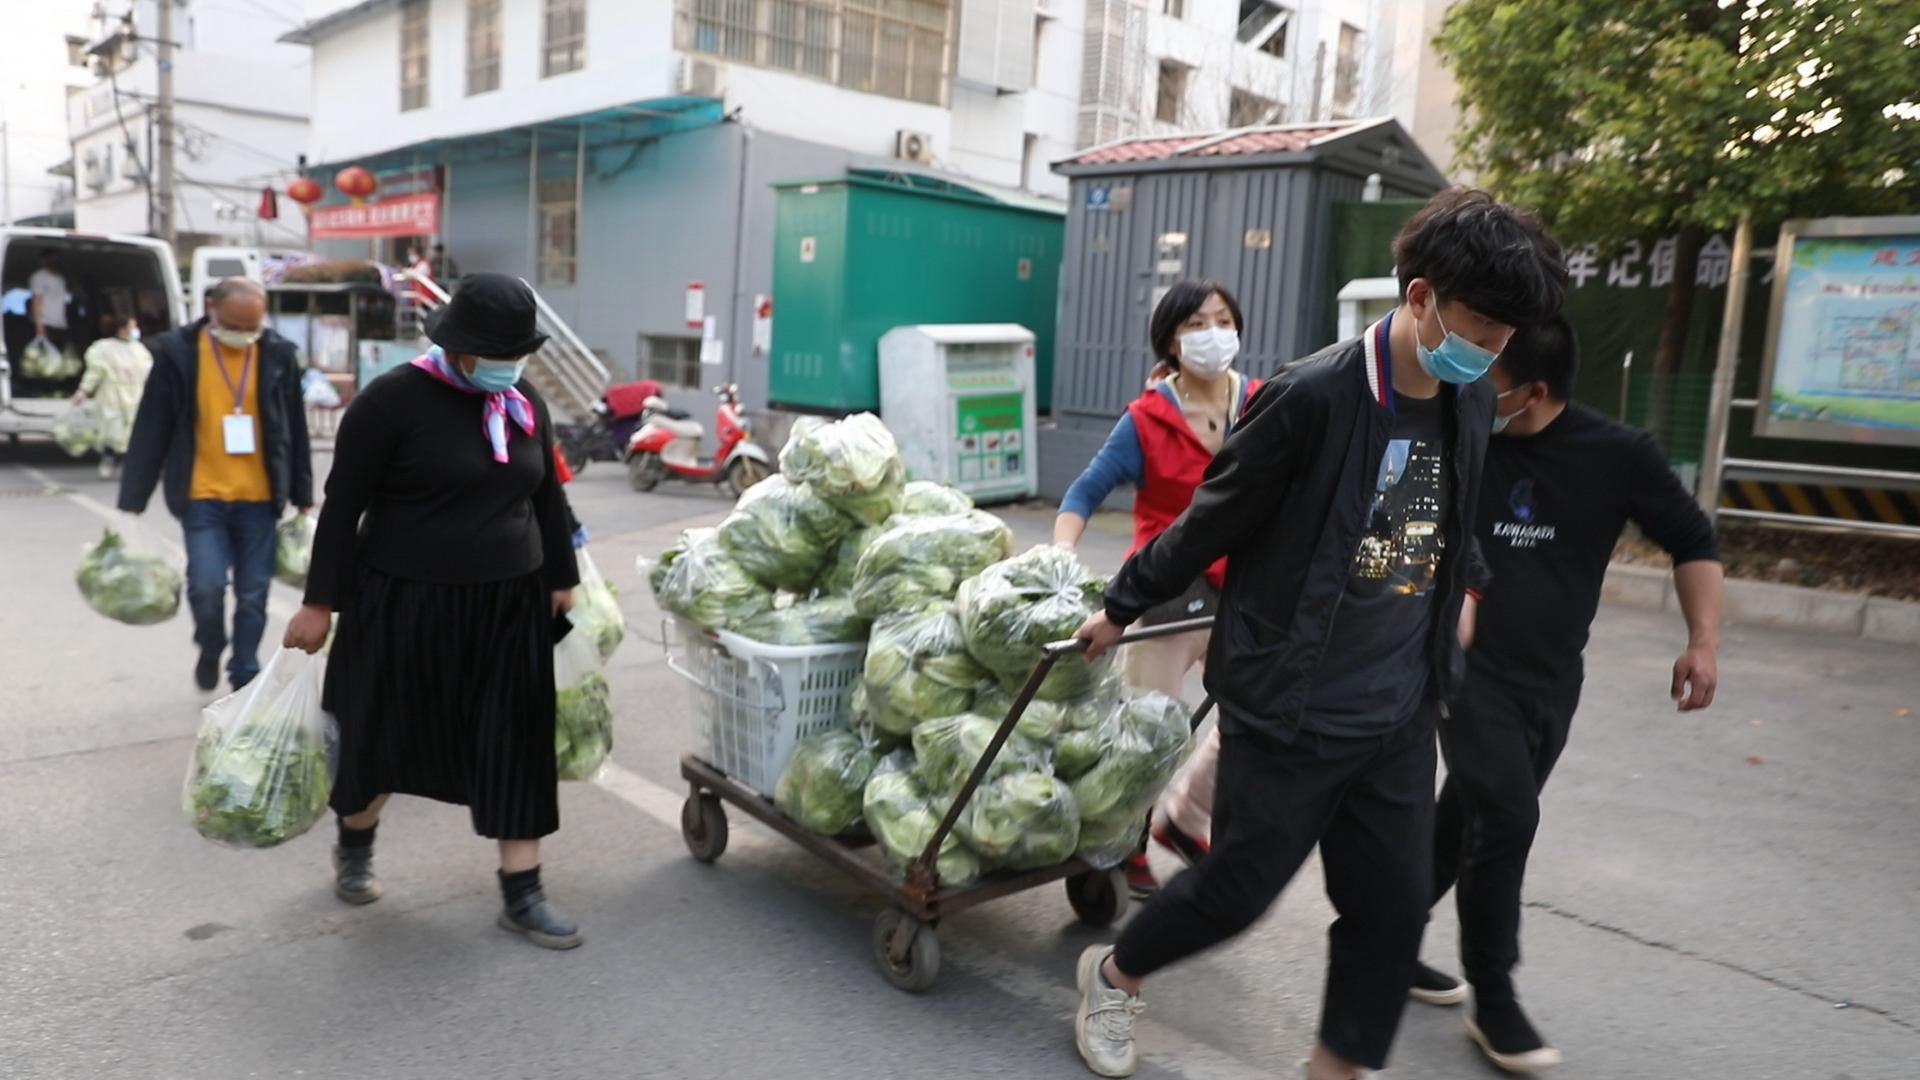 3月中旬,从来没下过地的楼威辰与其他志愿者一起去郊区农场摘菜,连去了6天,摘了6000份左右蔬菜,送给十几个社区的贫困人口。